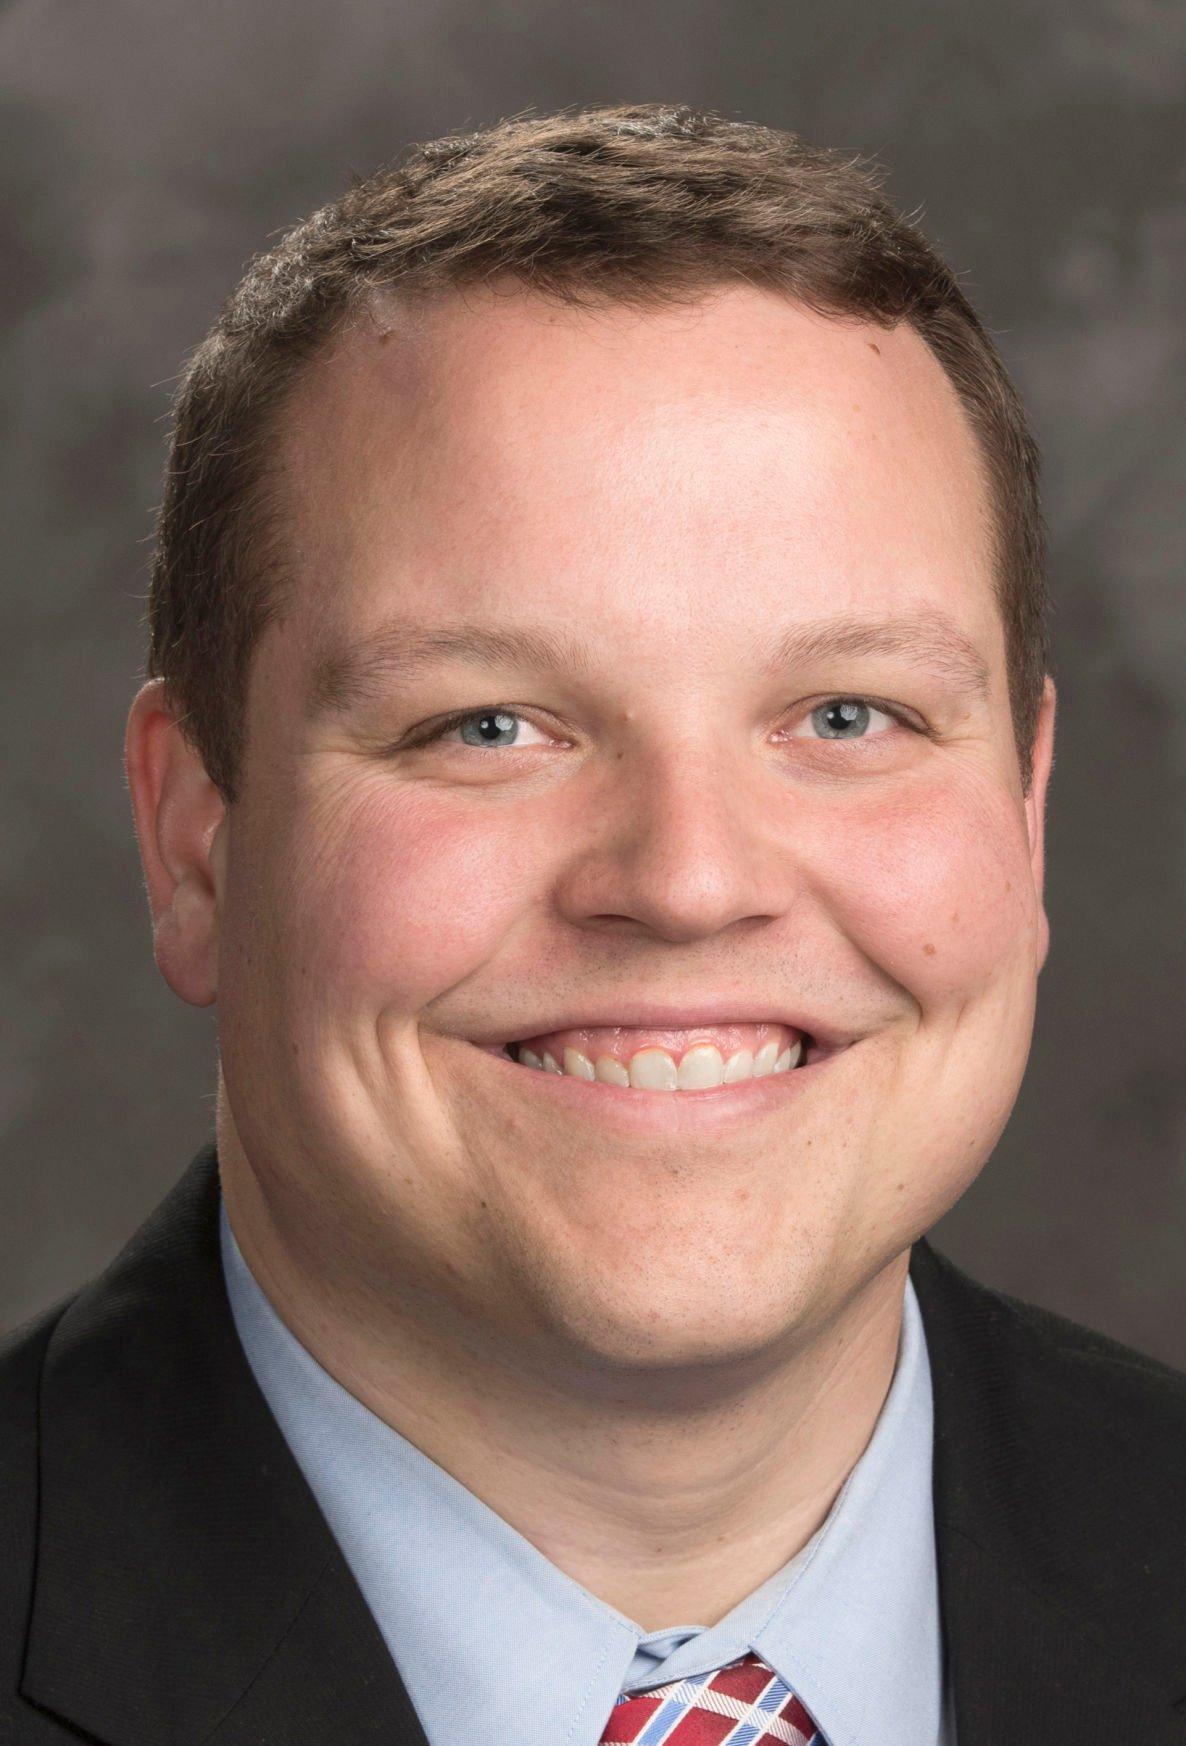 Jared Revlett